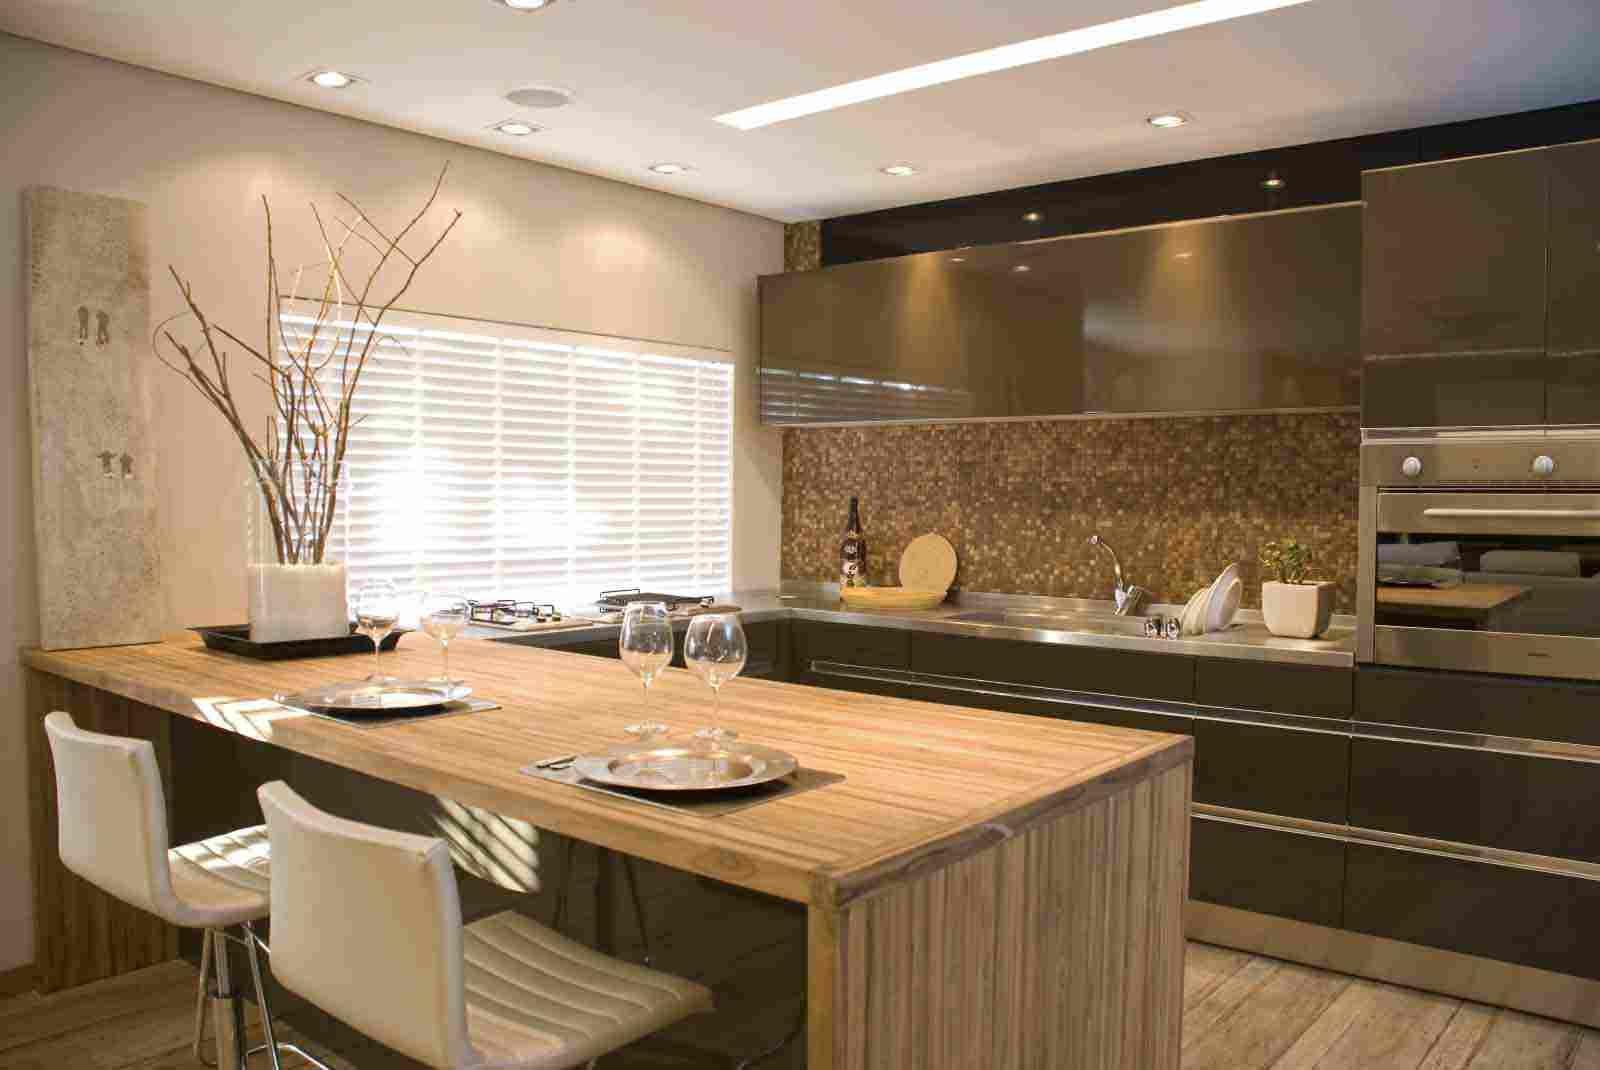 ecobathroom Projetar uma casa  Eco Bathroom Pinterest #936638 1600 1070